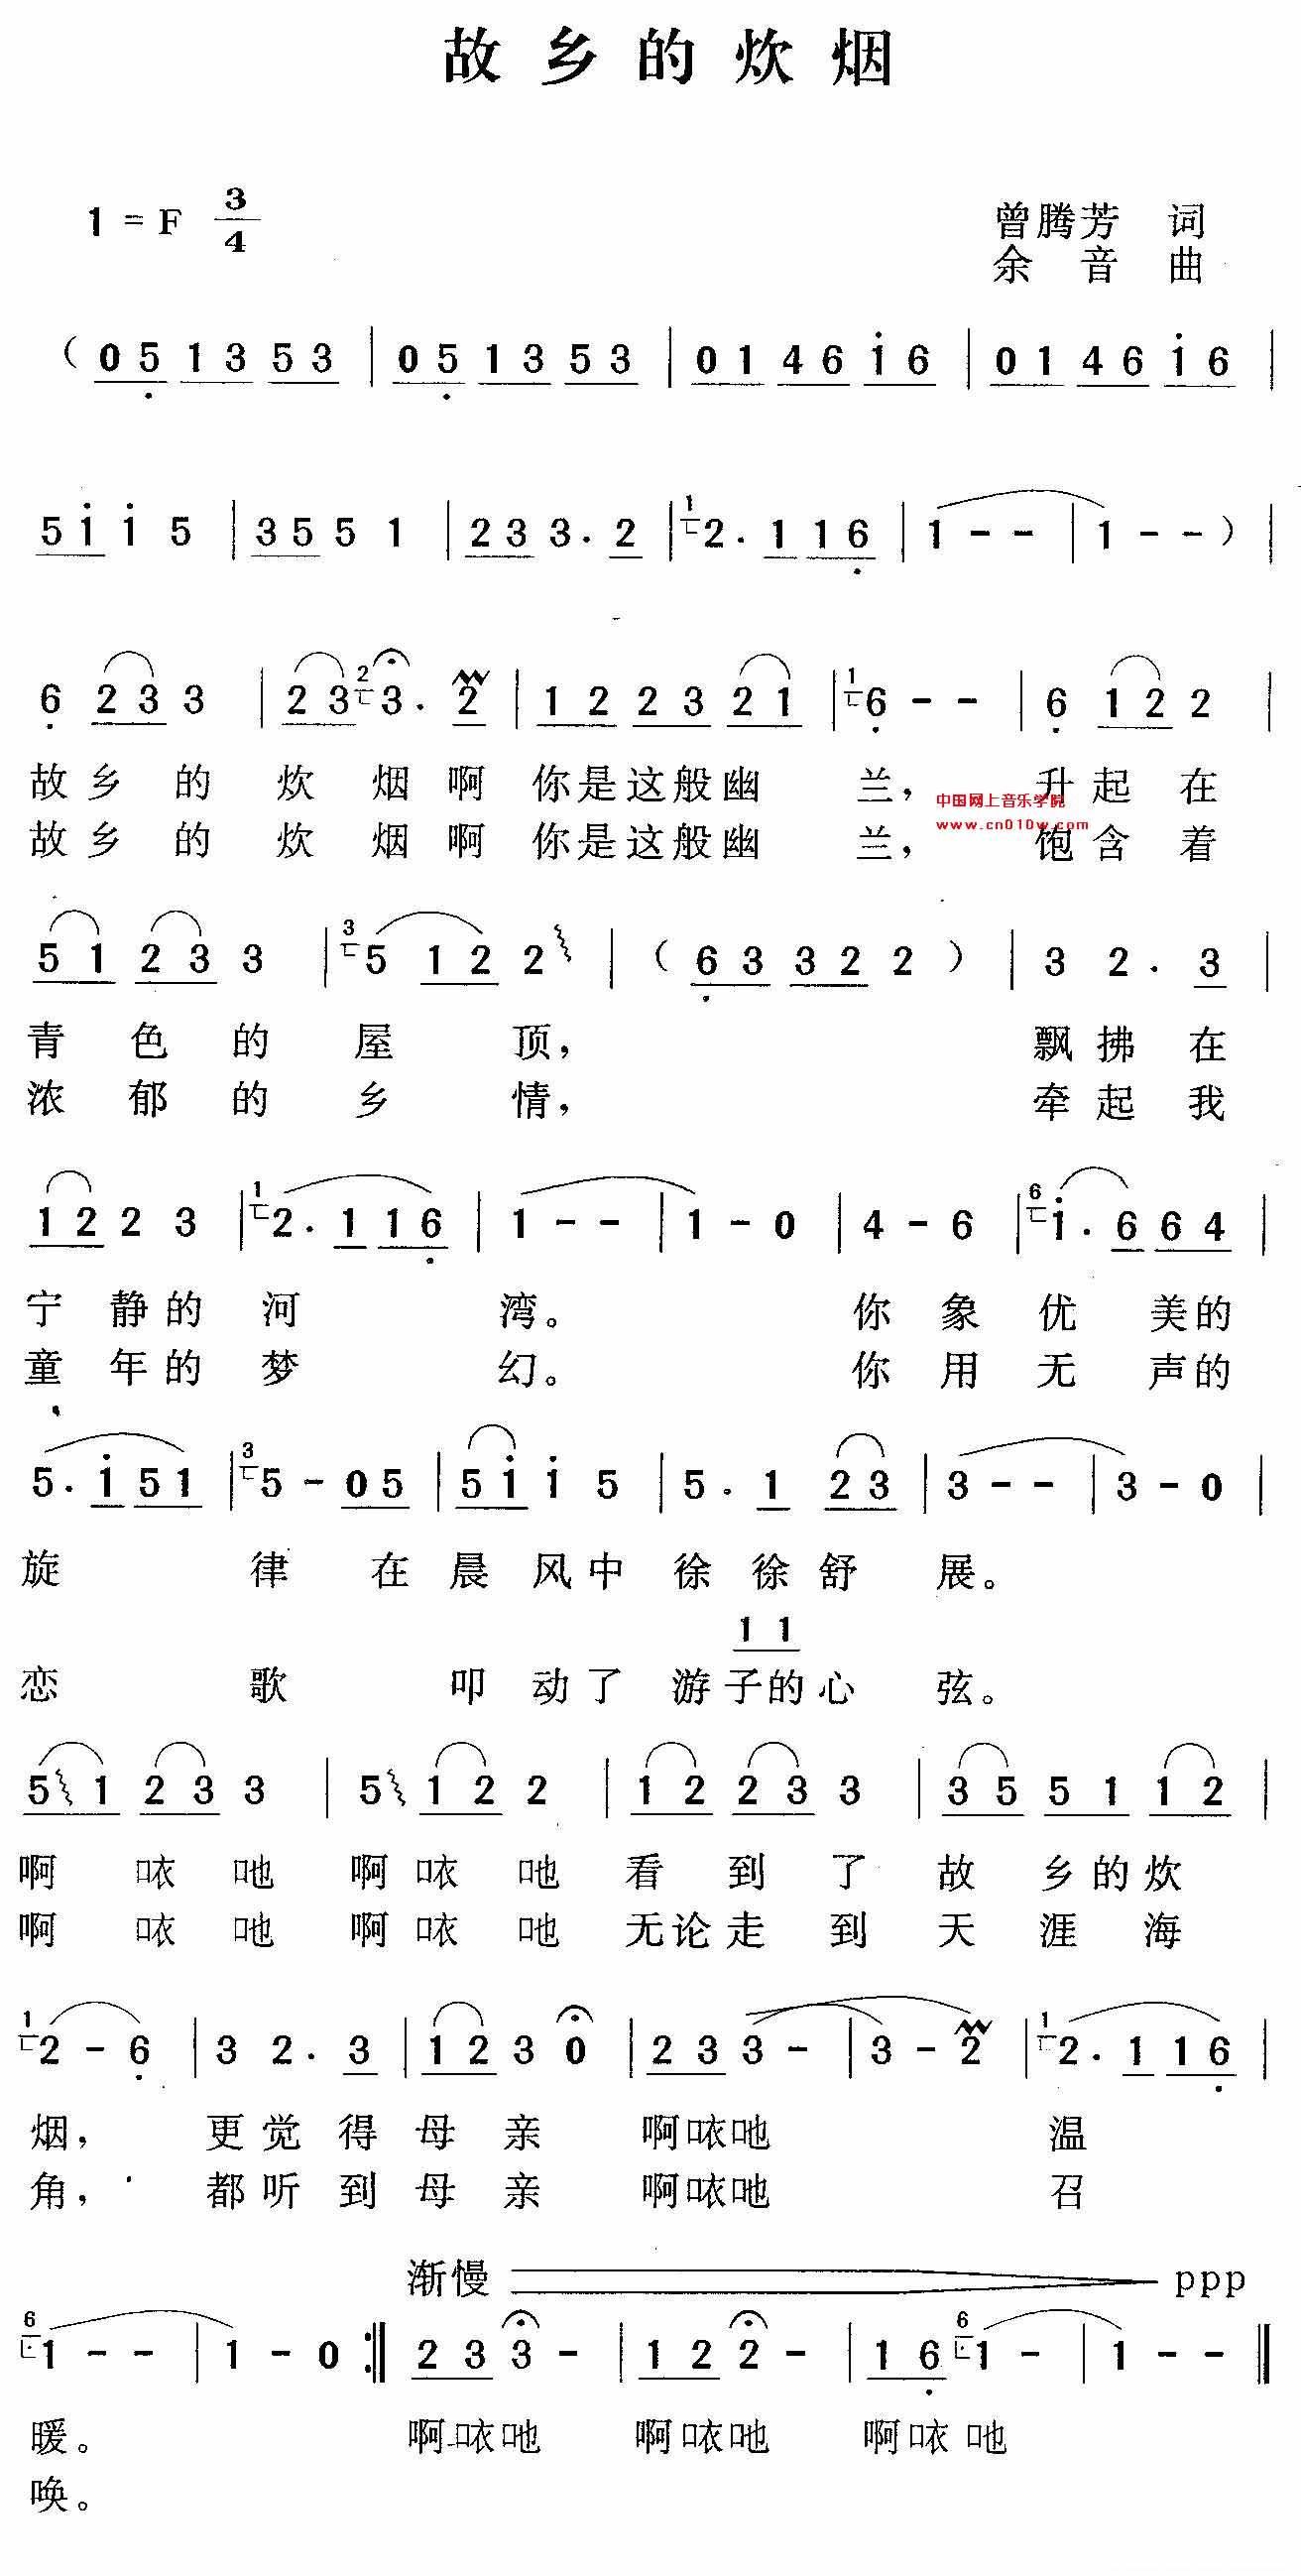 民歌曲谱 故乡的炊烟下载简谱下载五线谱下载曲谱